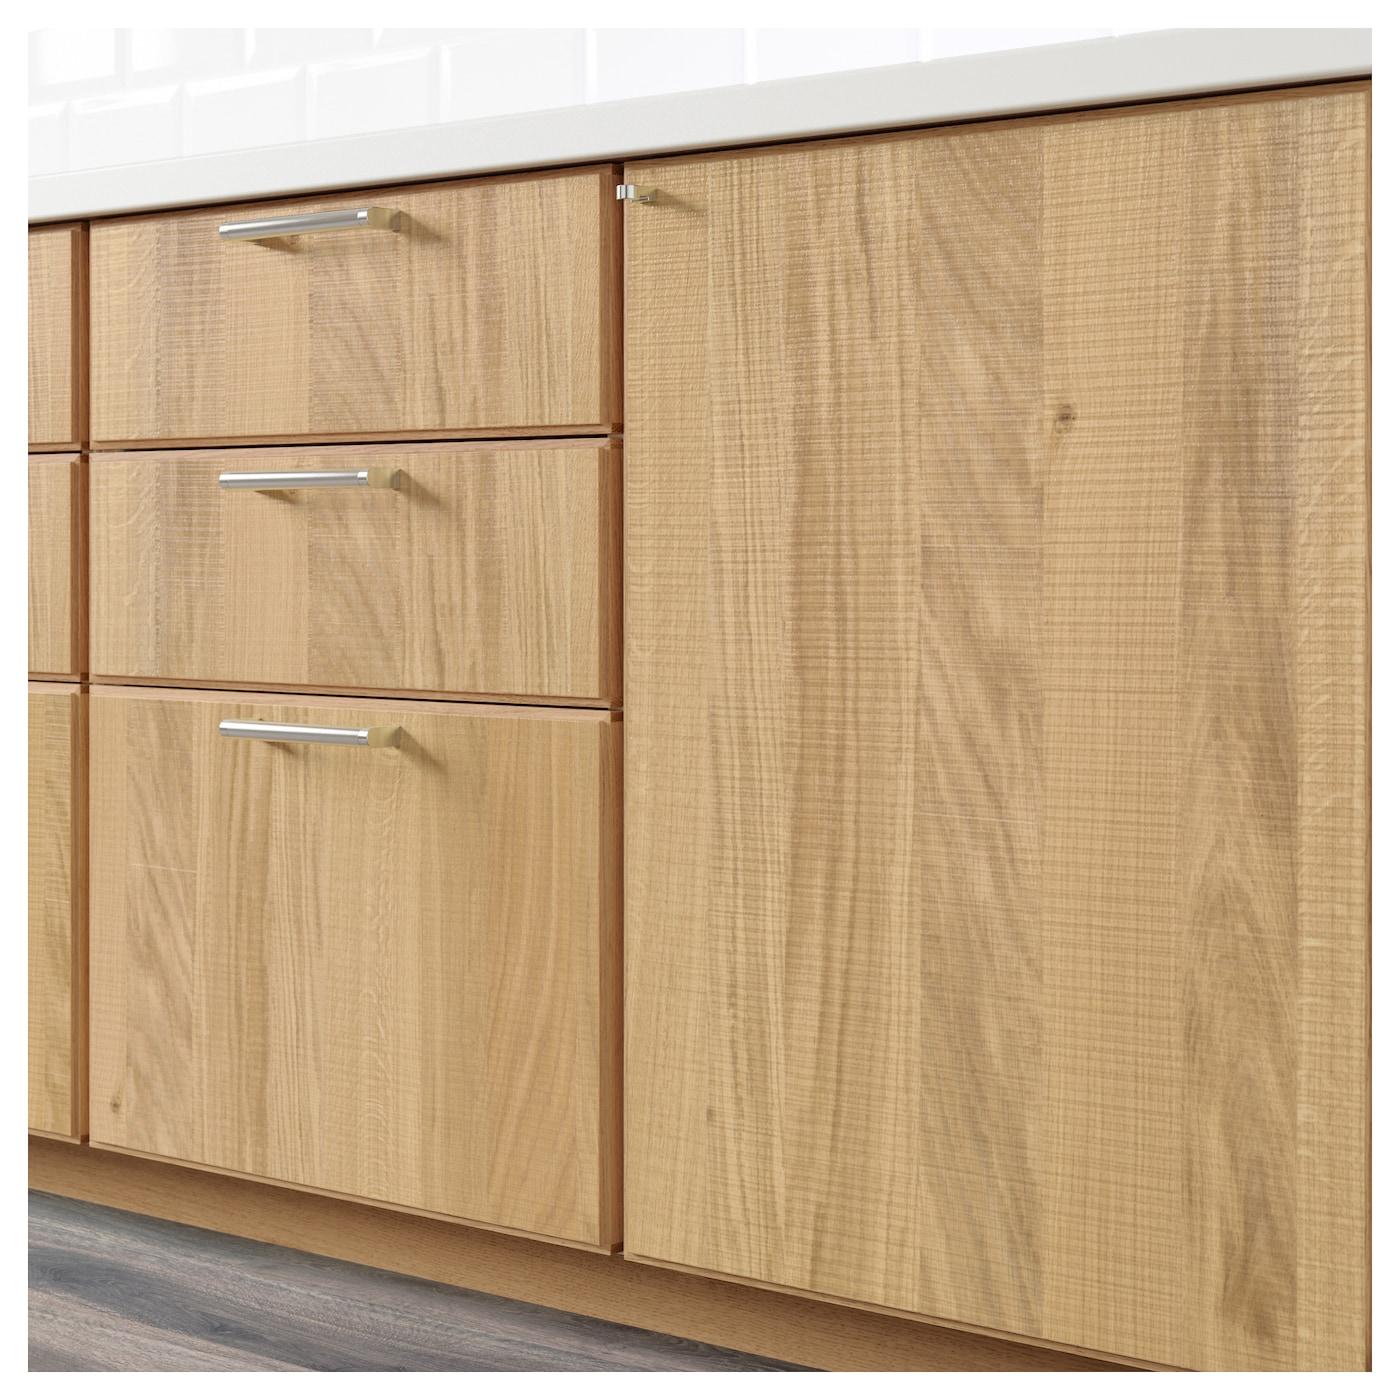 hyttan 2 p door f corner base cabinet set oak veneer 25x80 cm ikea